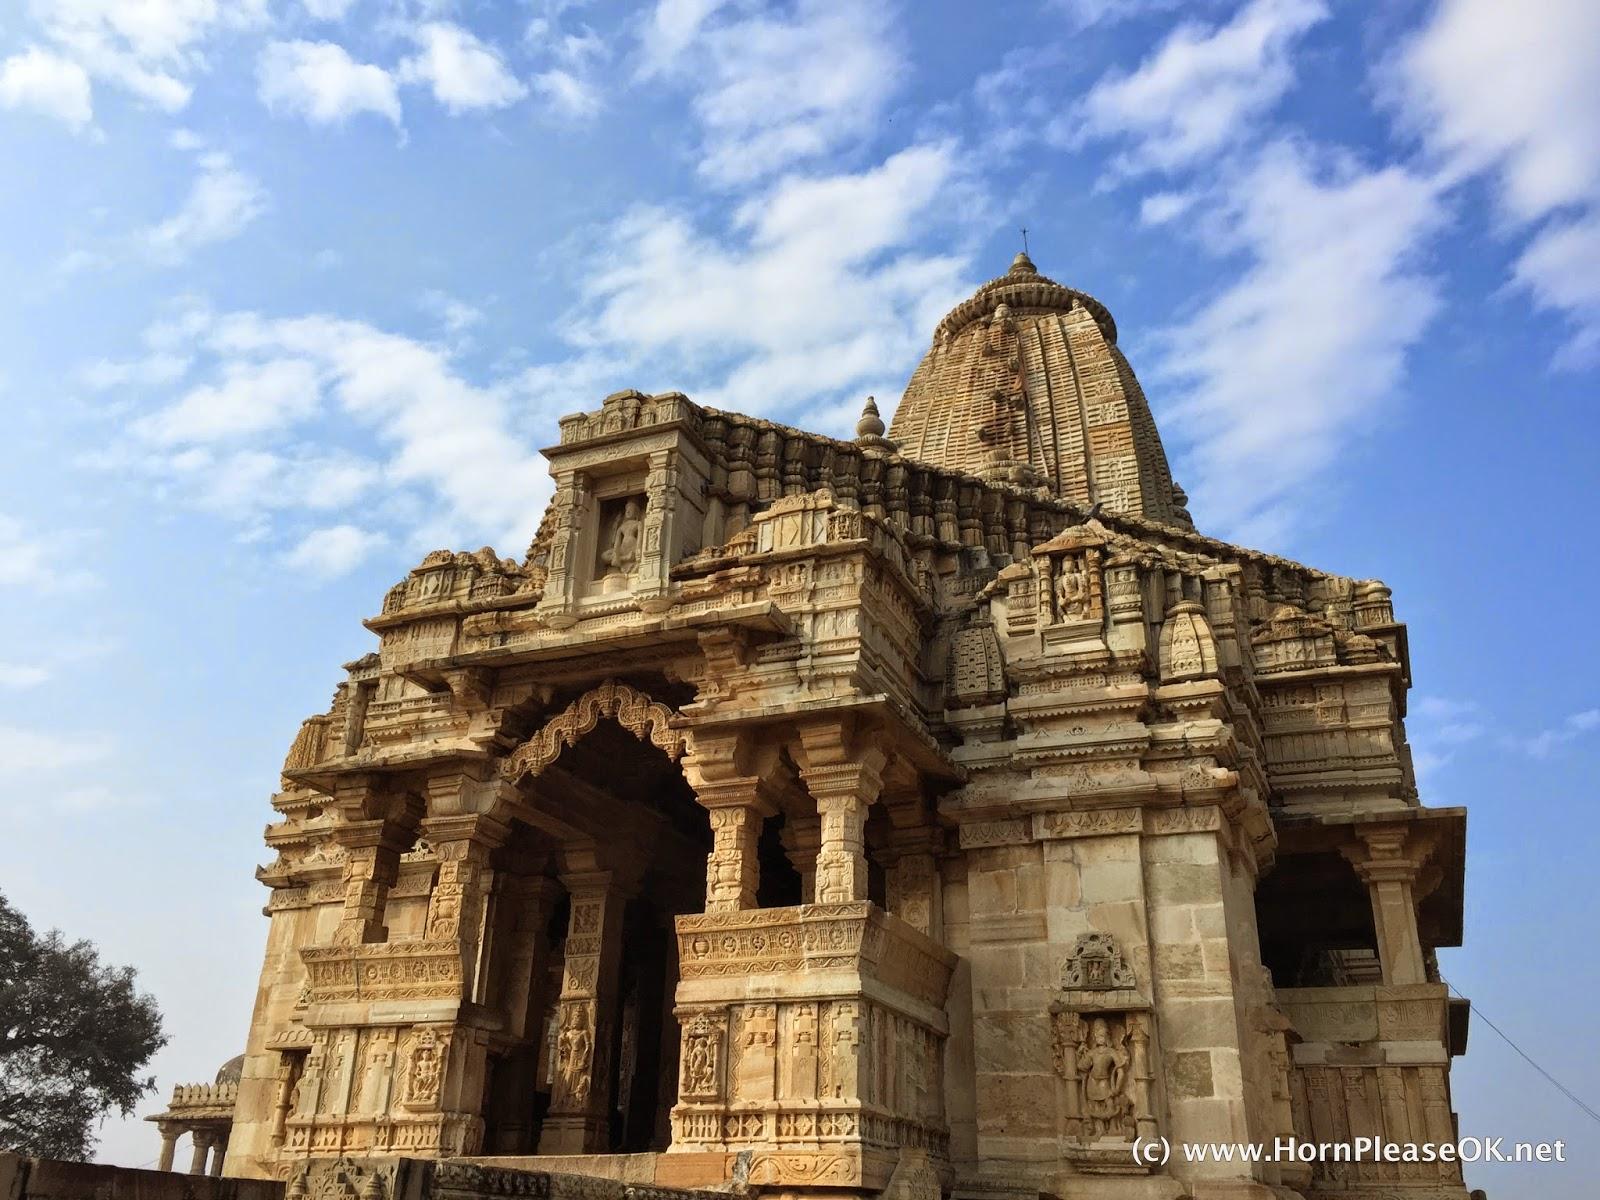 Kalika Mata temple front view